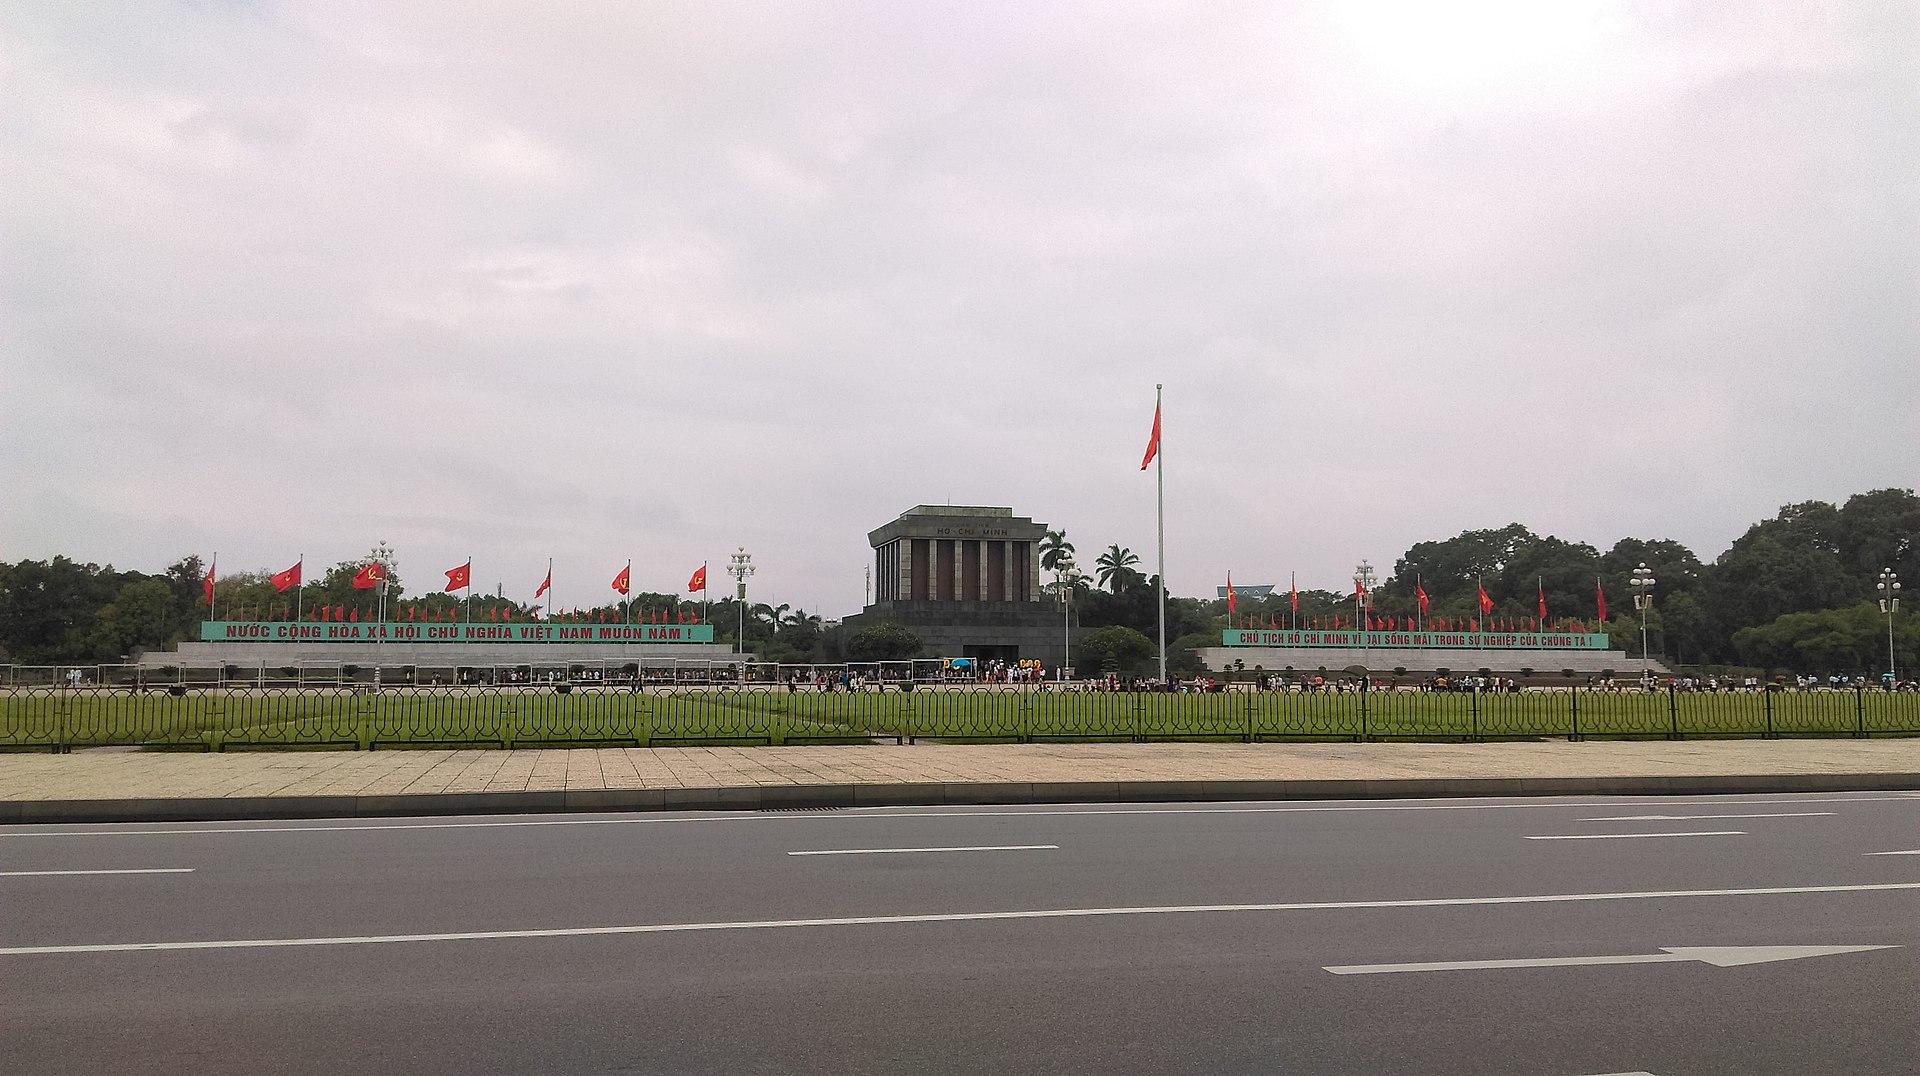 Lăng Chủ tịch Hồ Chí Minh, Hà Nội.jpeg